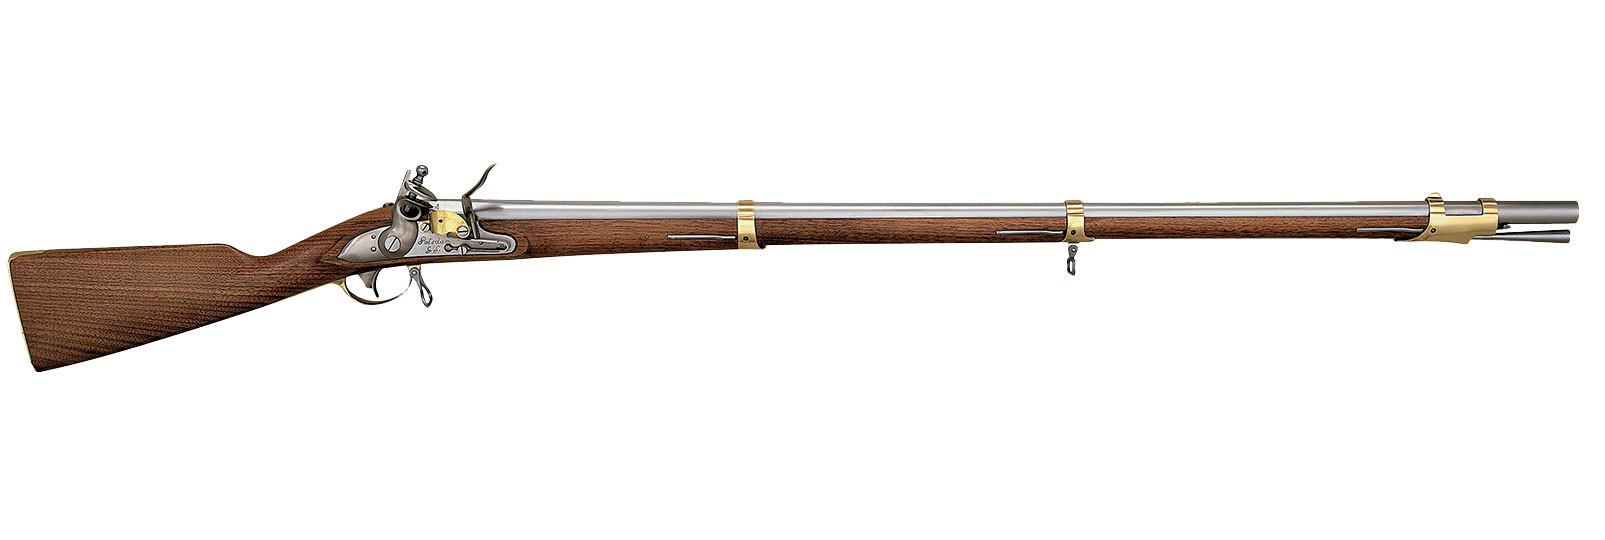 1809 Prussian Rifle